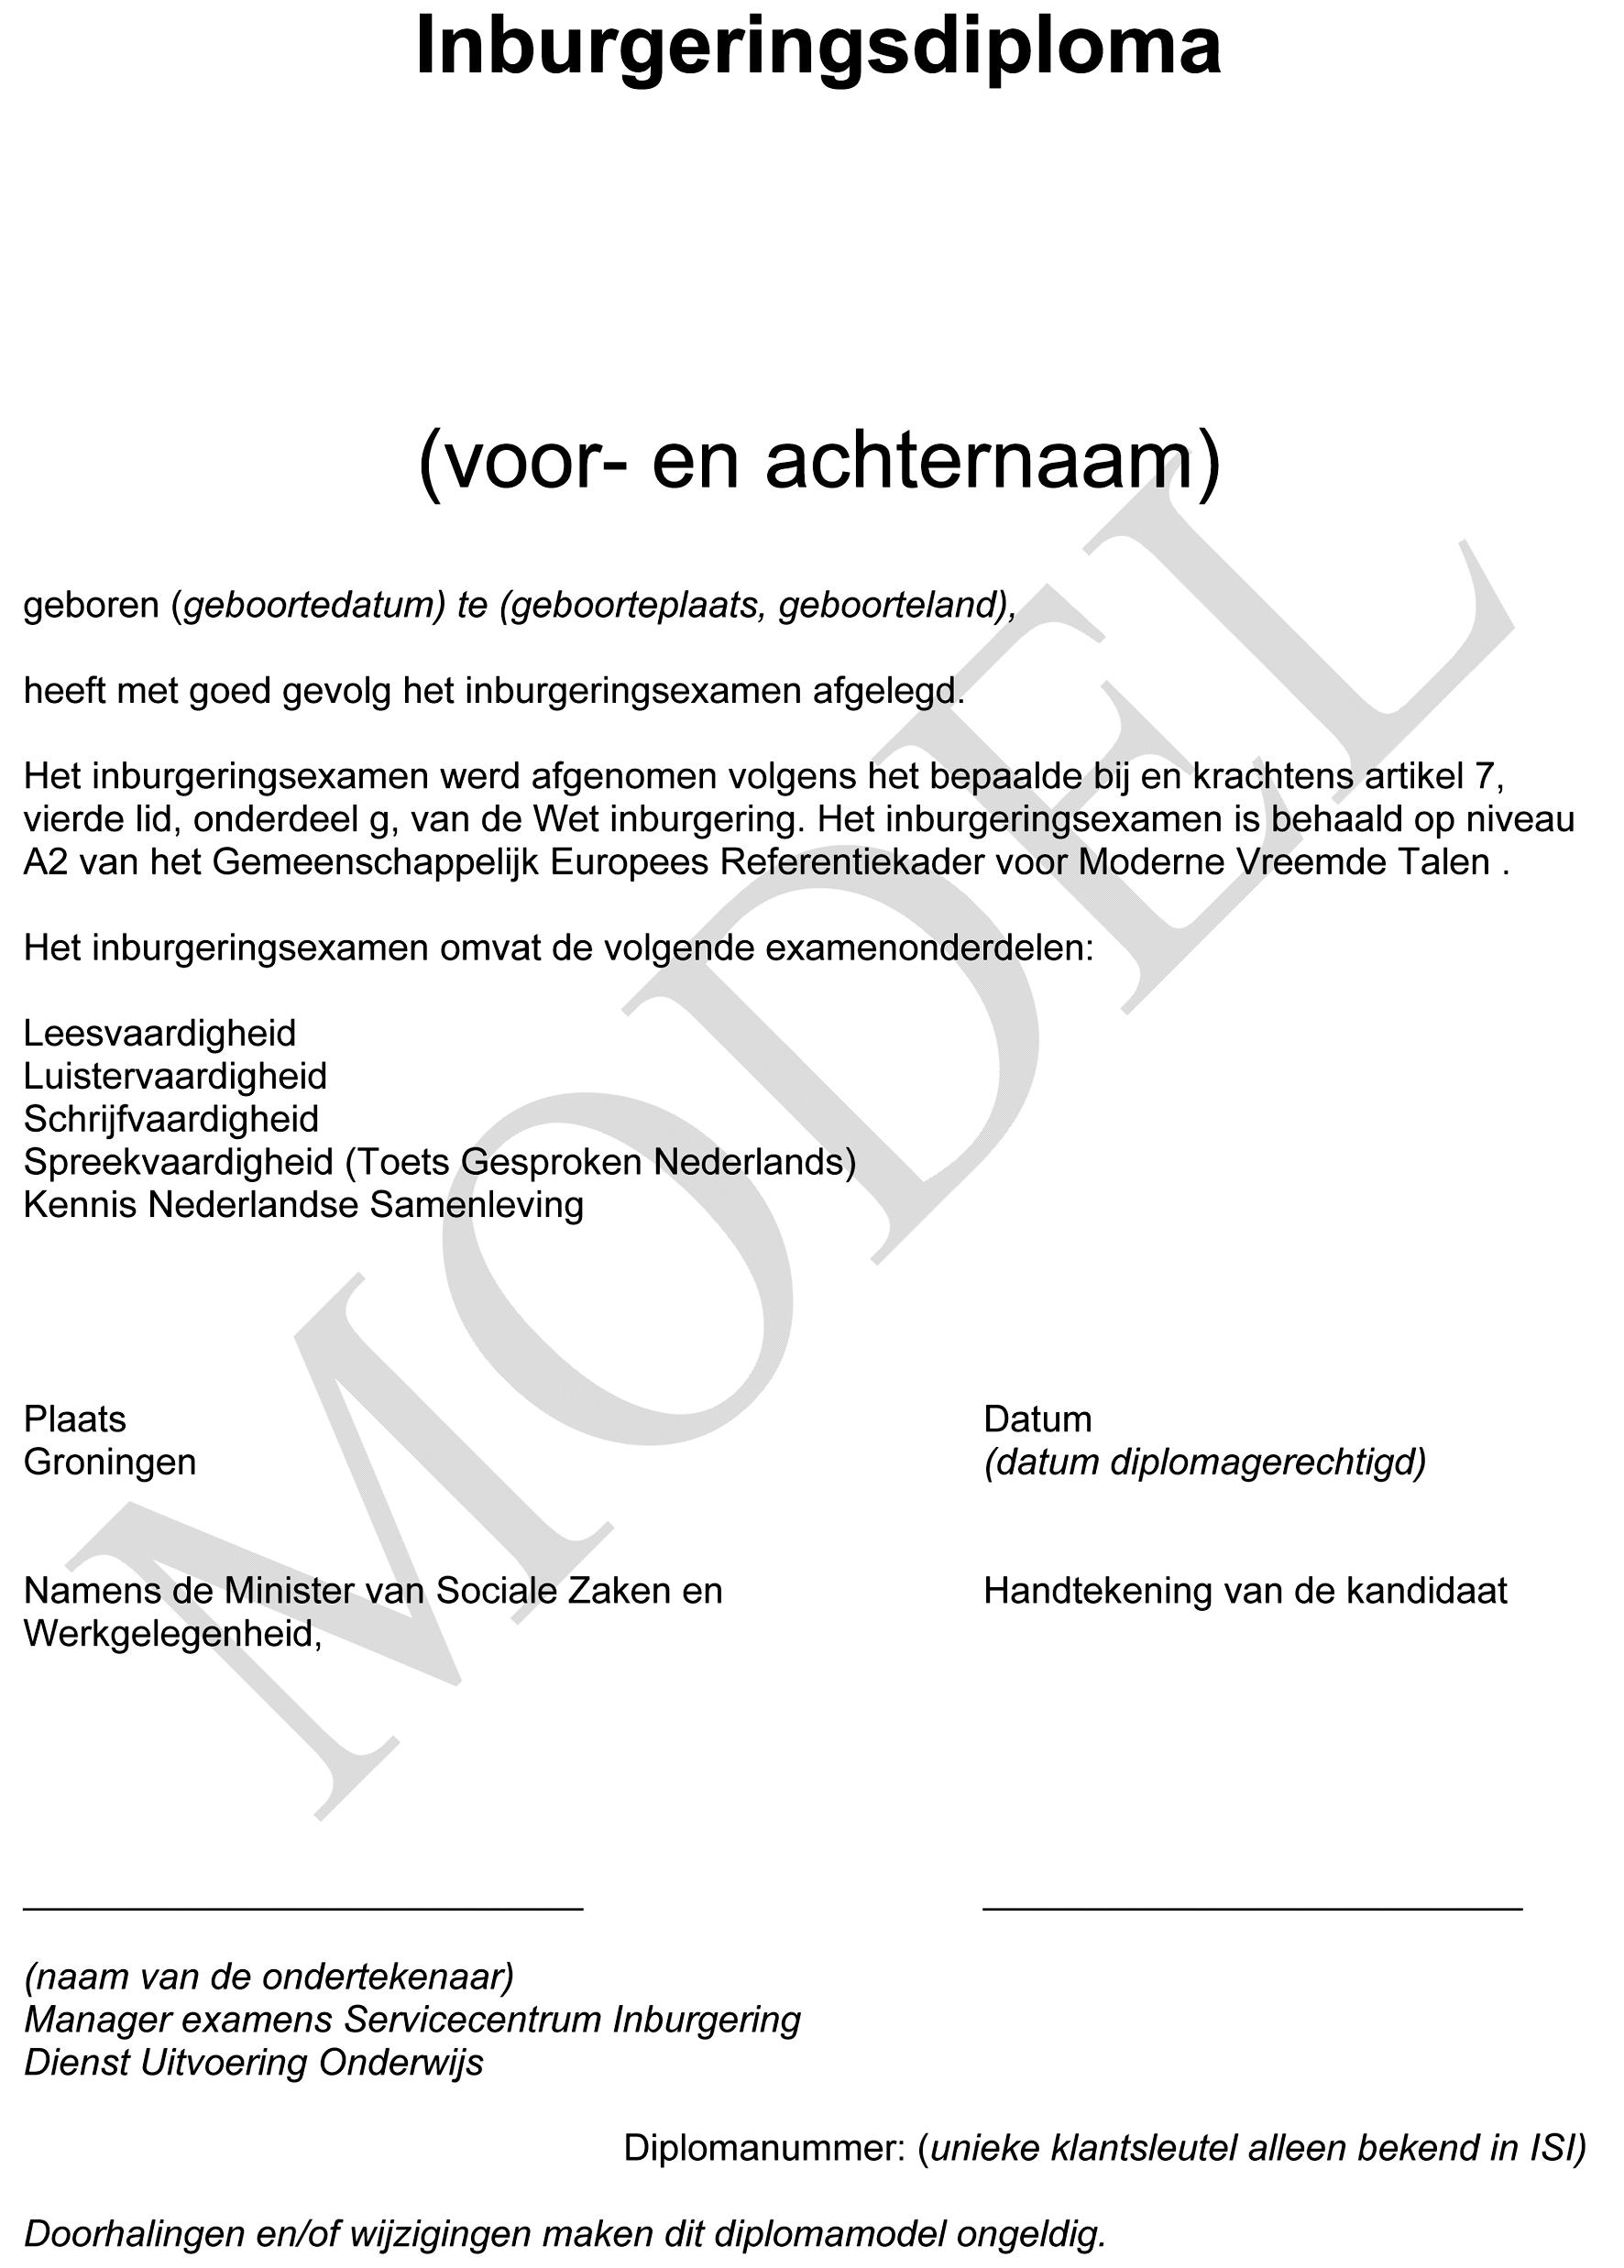 voorbeeld sollicitatiebrief nederlands examen Regeling van de Minister van Sociale Zaken en Werkgelegenheid van  voorbeeld sollicitatiebrief nederlands examen